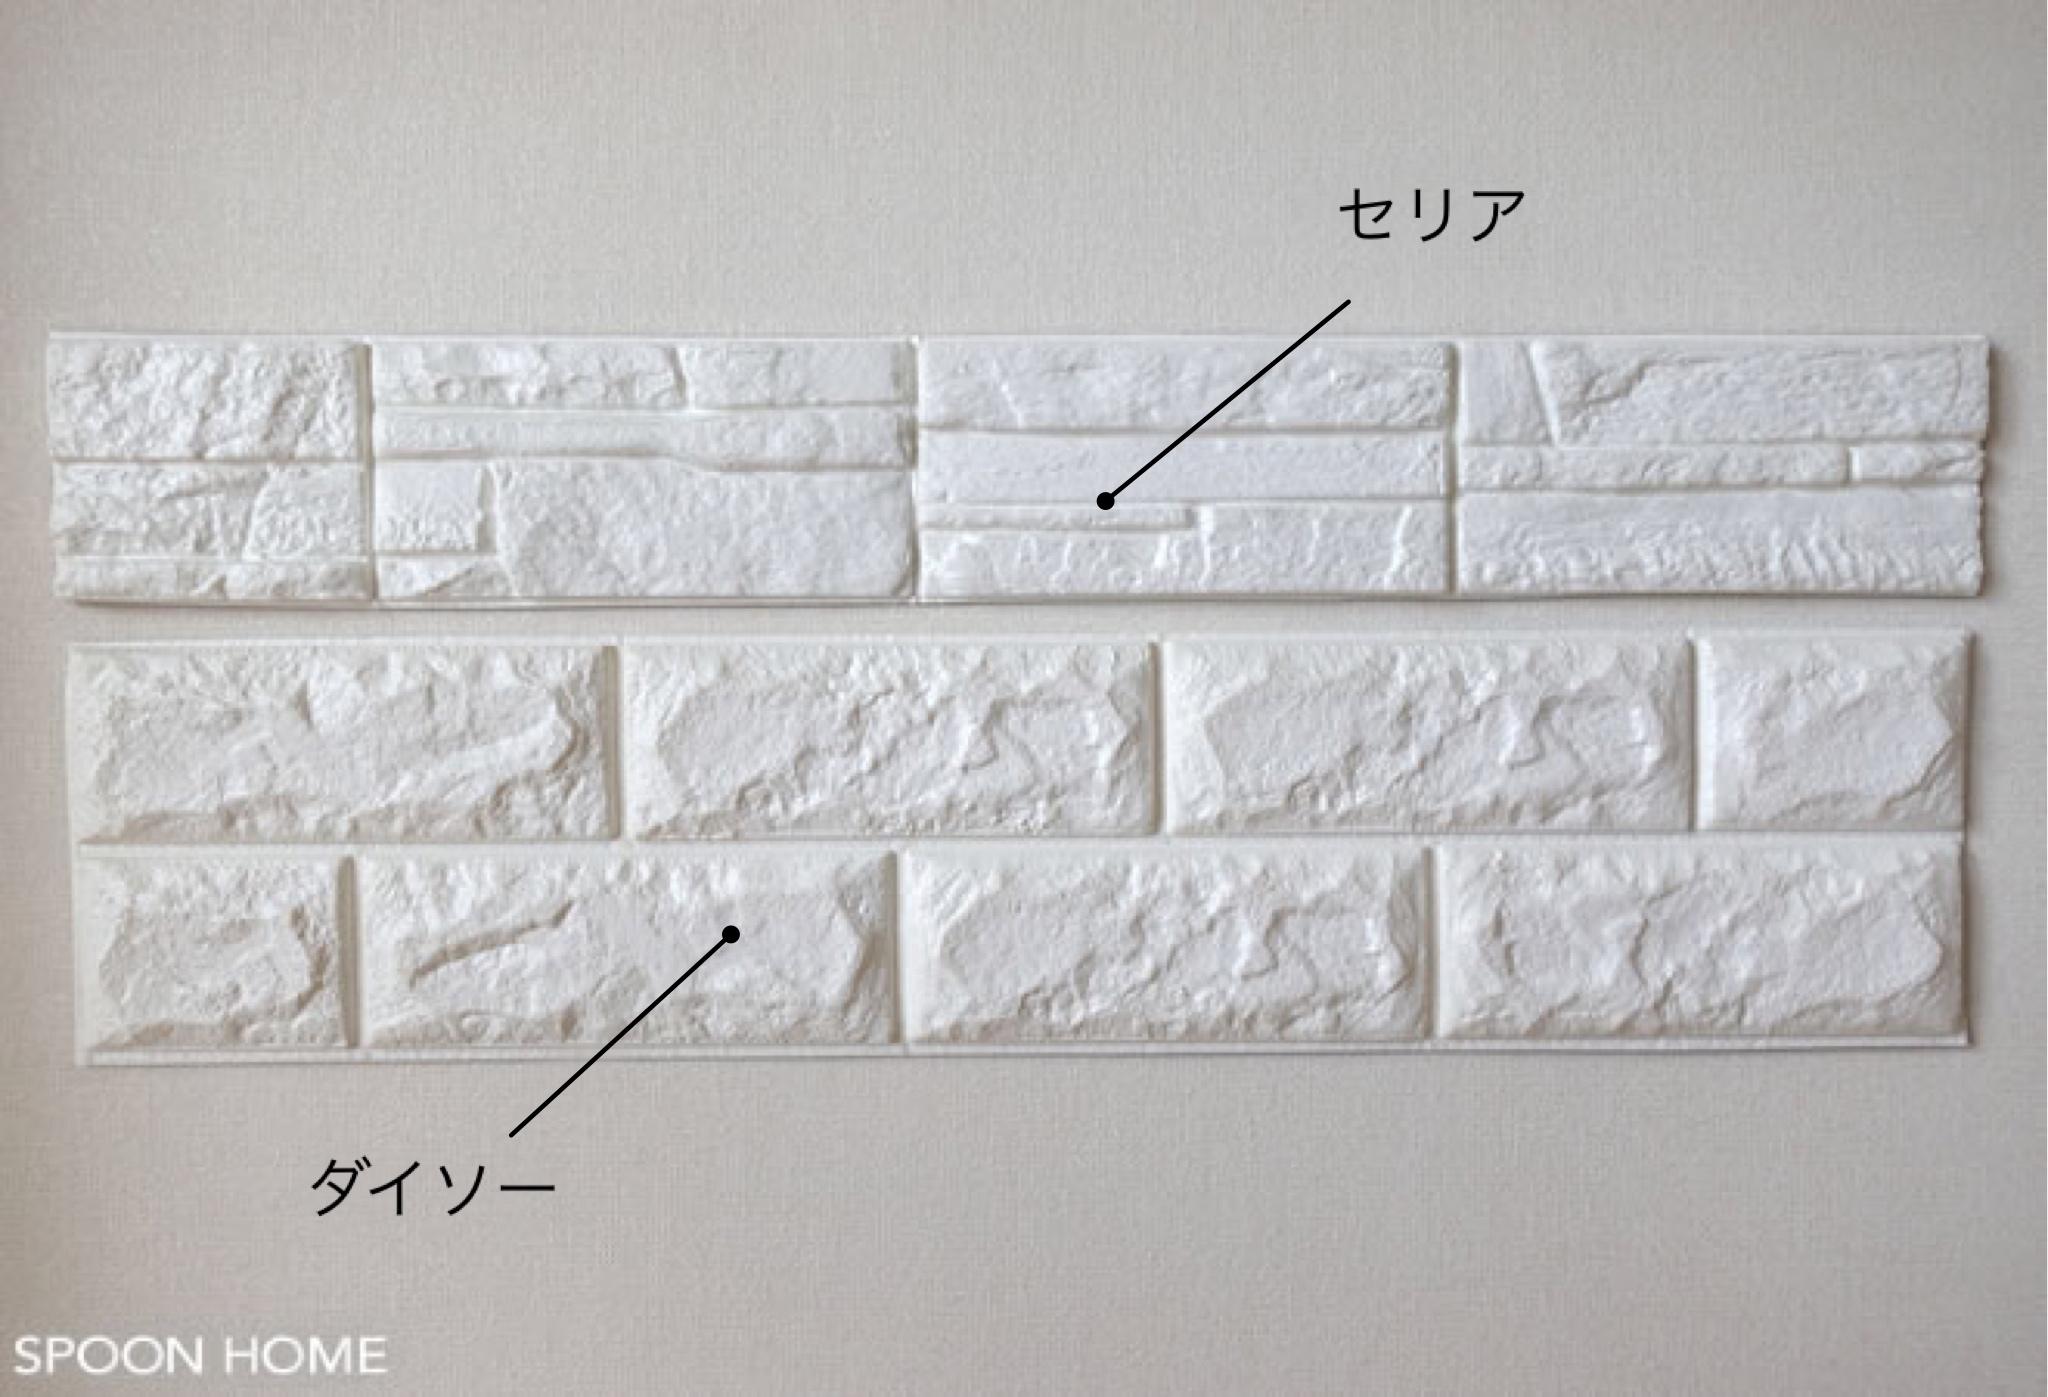 砂壁 に 貼れる 壁紙 100 均